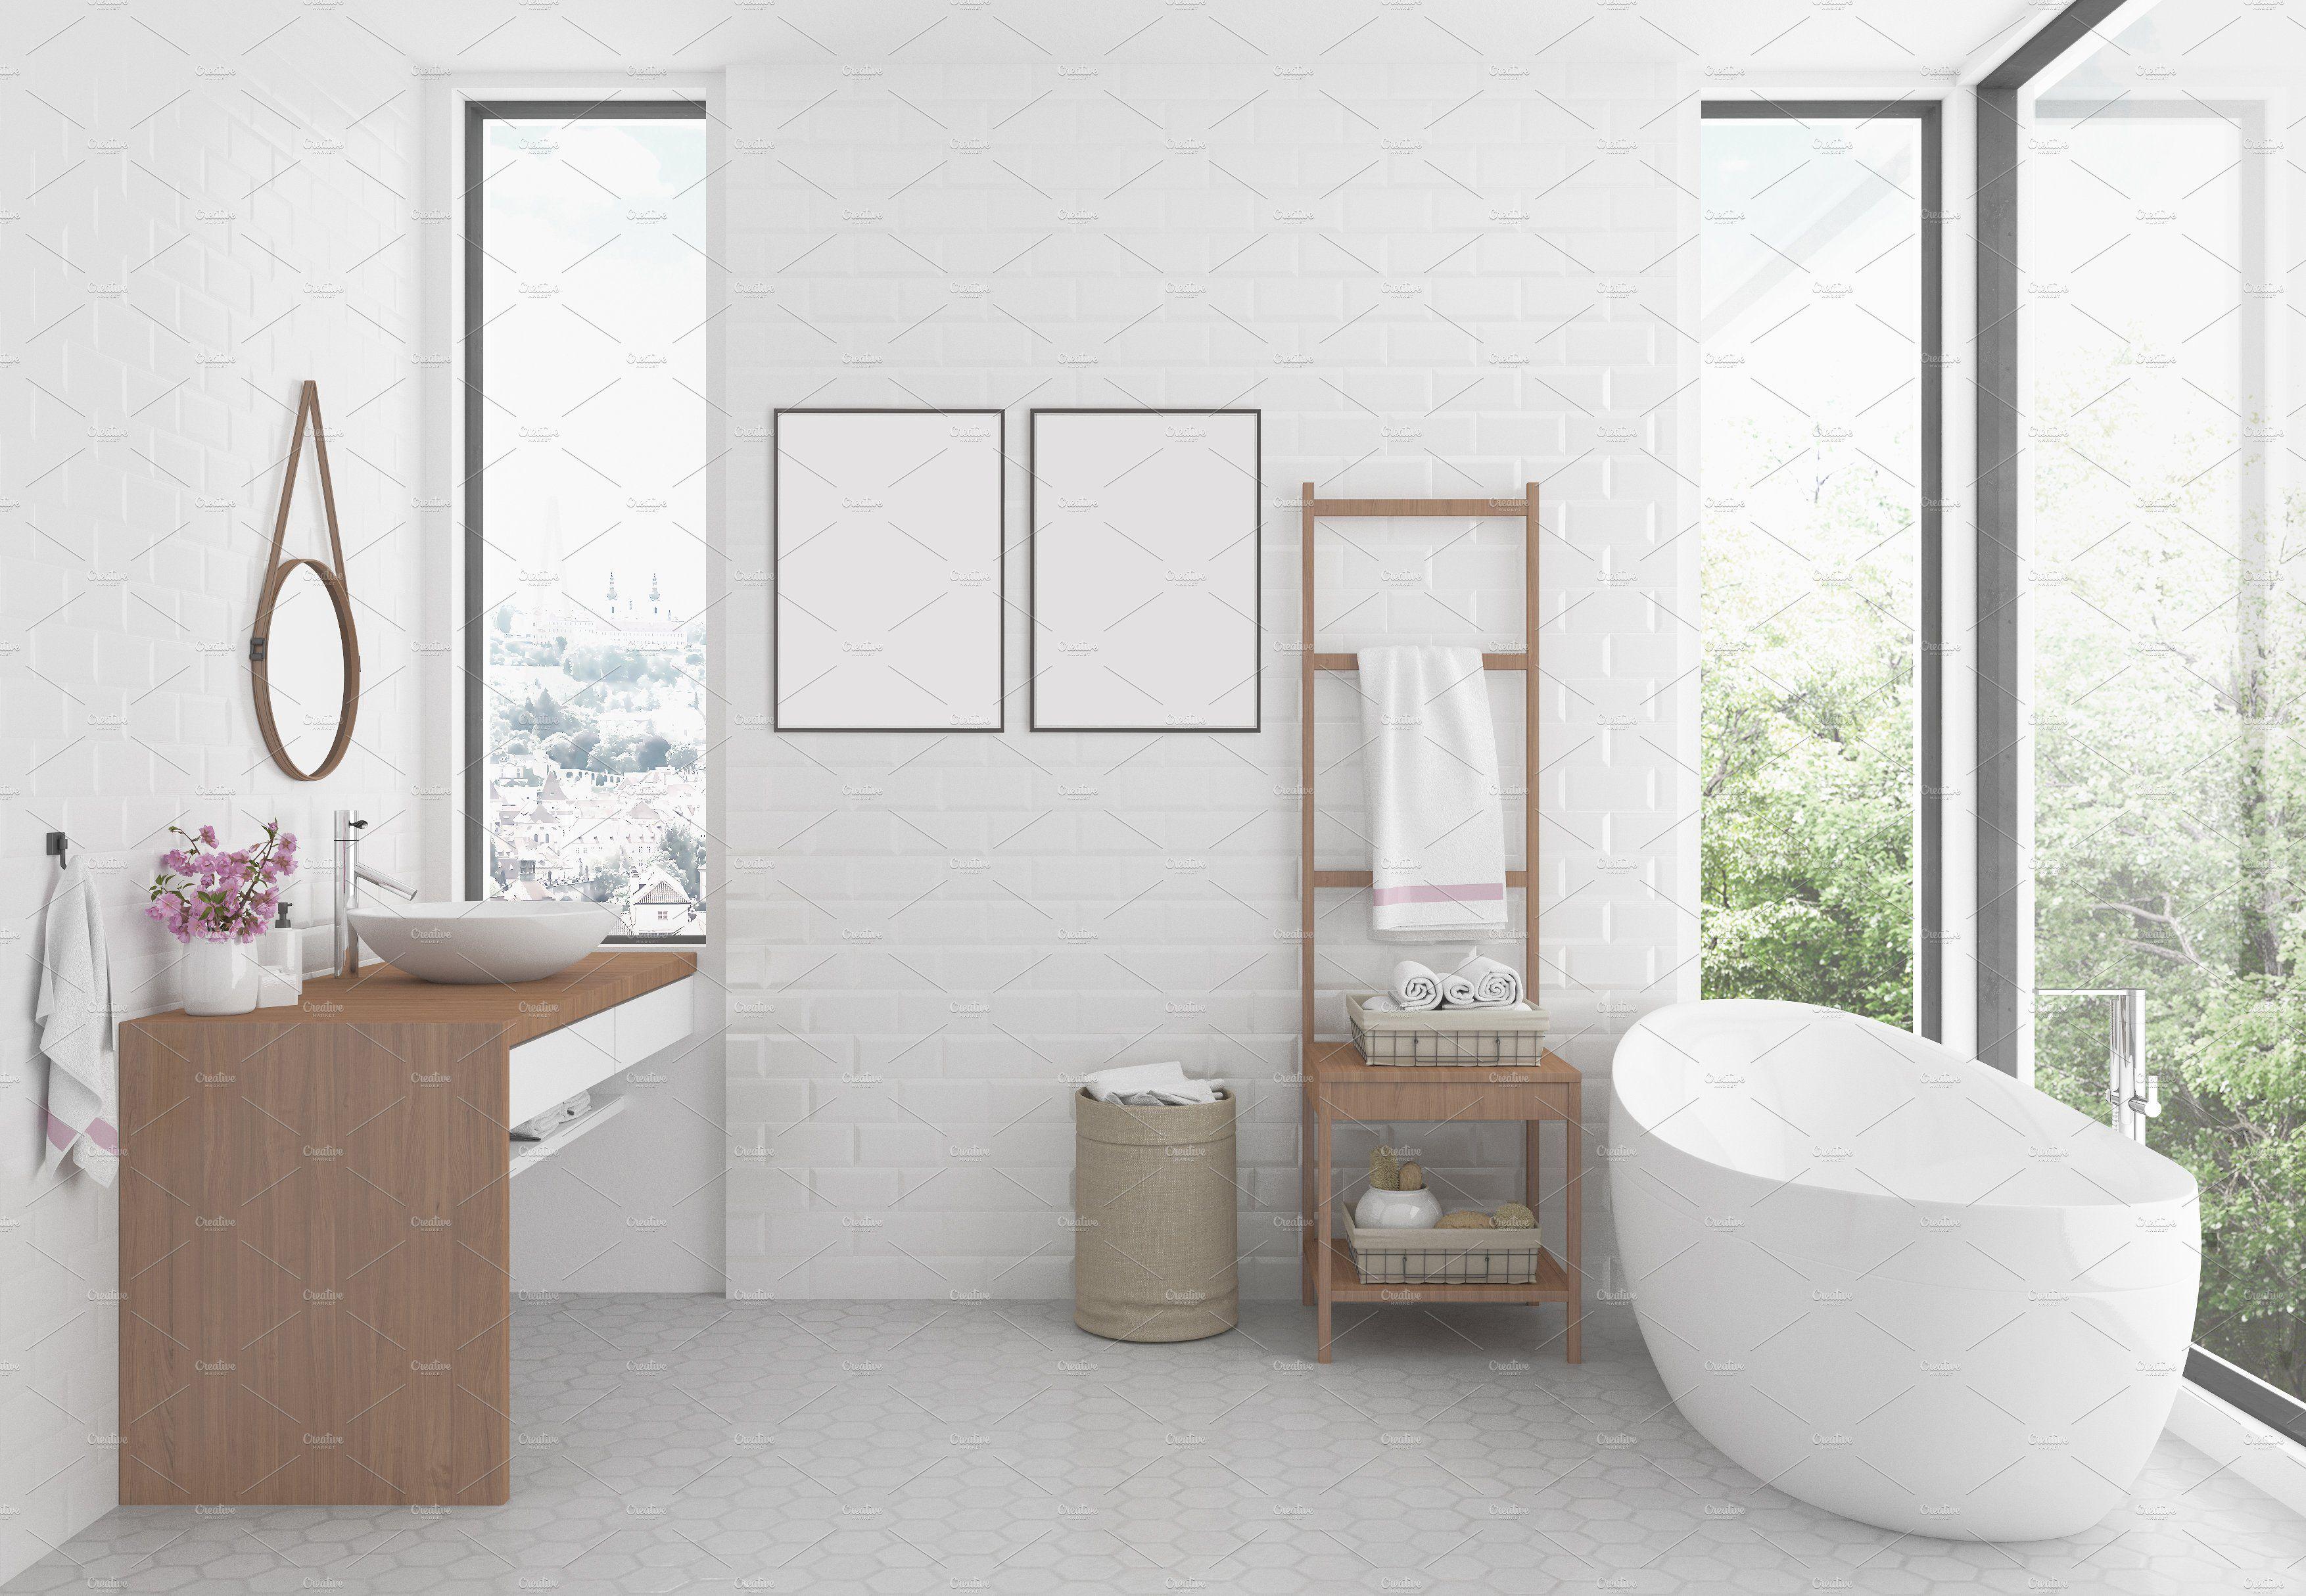 Interior Mockup Bathroom Background Bathroom Interior Interior Wall Design